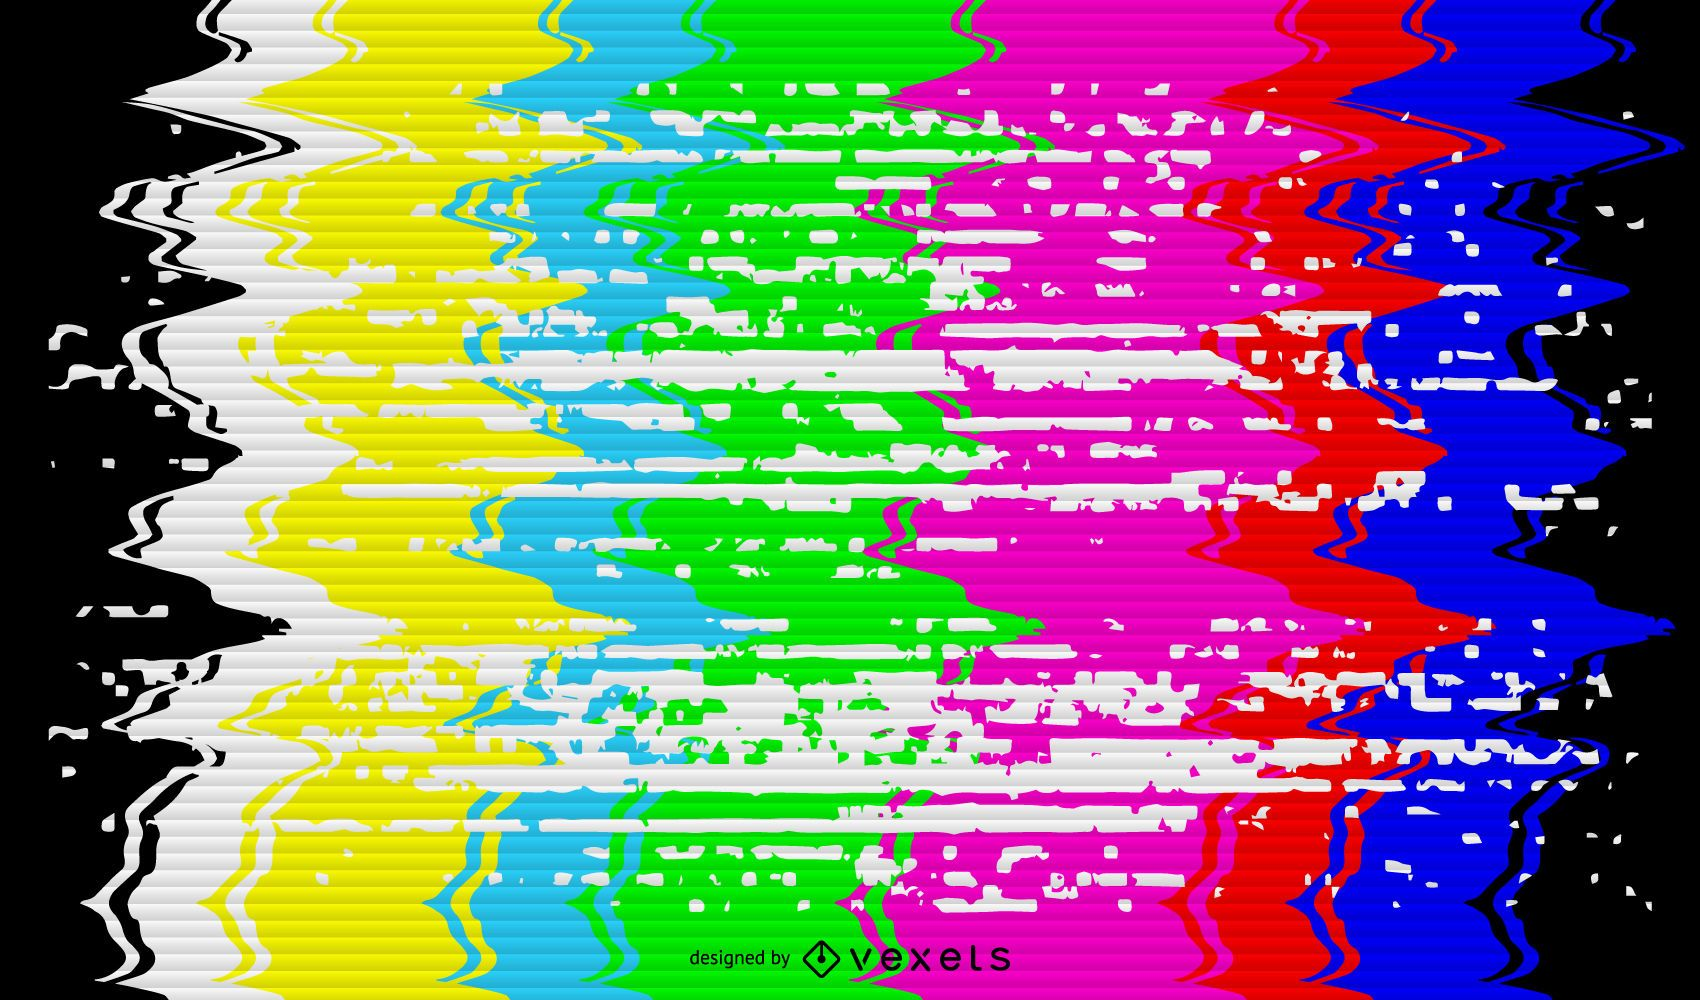 Broken TV signal illustration